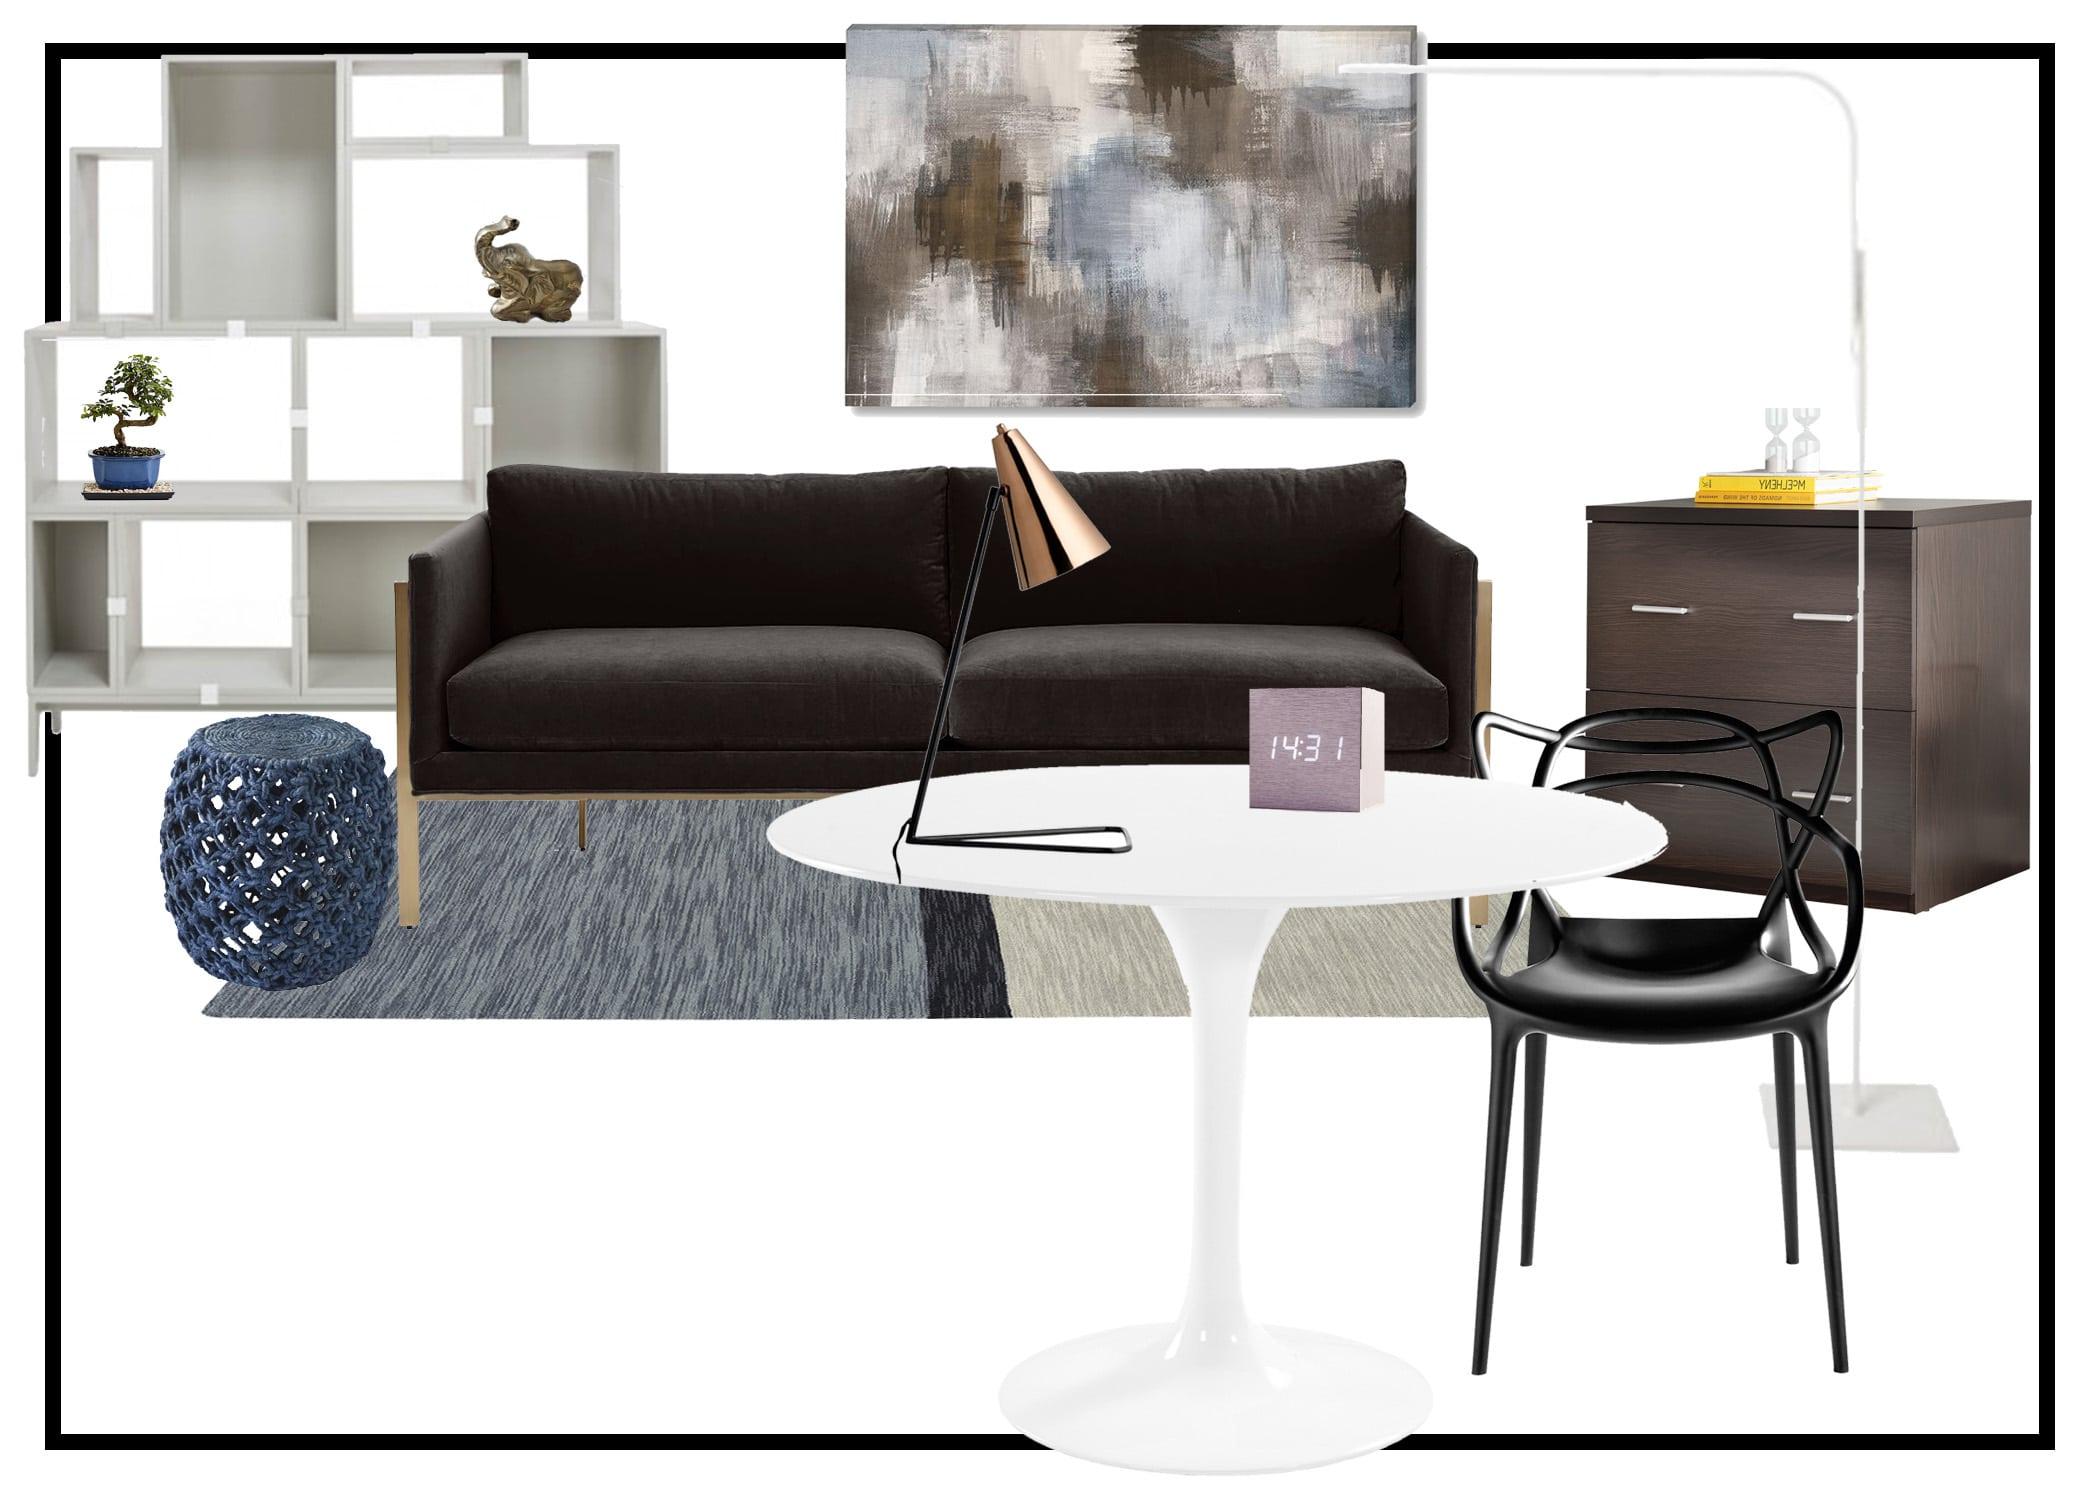 Officeupdatesaarinentableshoppingboard COCOCOZY - Room and board saarinen table